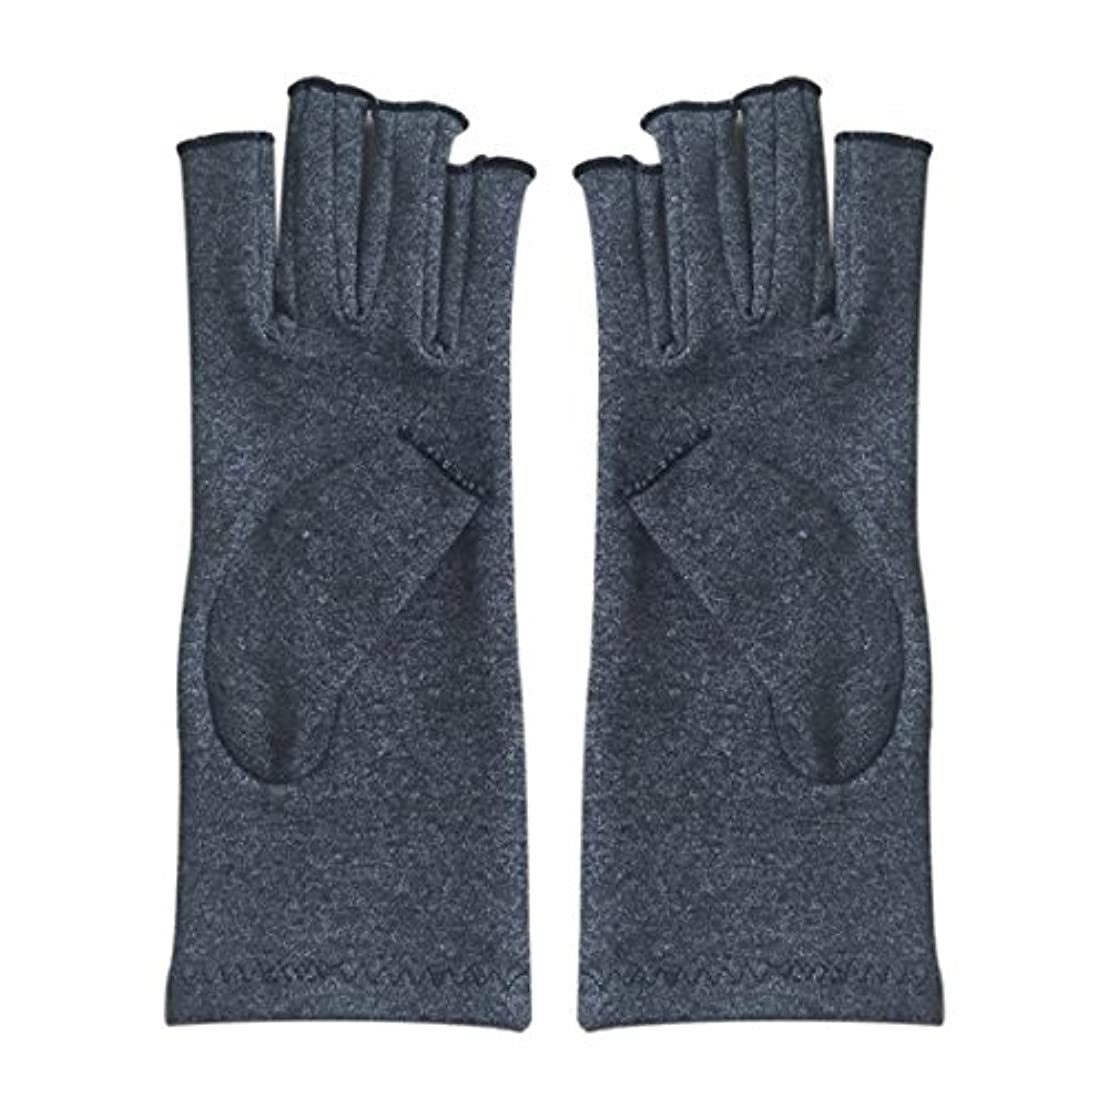 ウガンダ健全私達Gaoominy 1ペア成人男性女性用弾性コットンコンプレッション手袋手関節炎関節痛鎮痛軽減M - 灰色、M